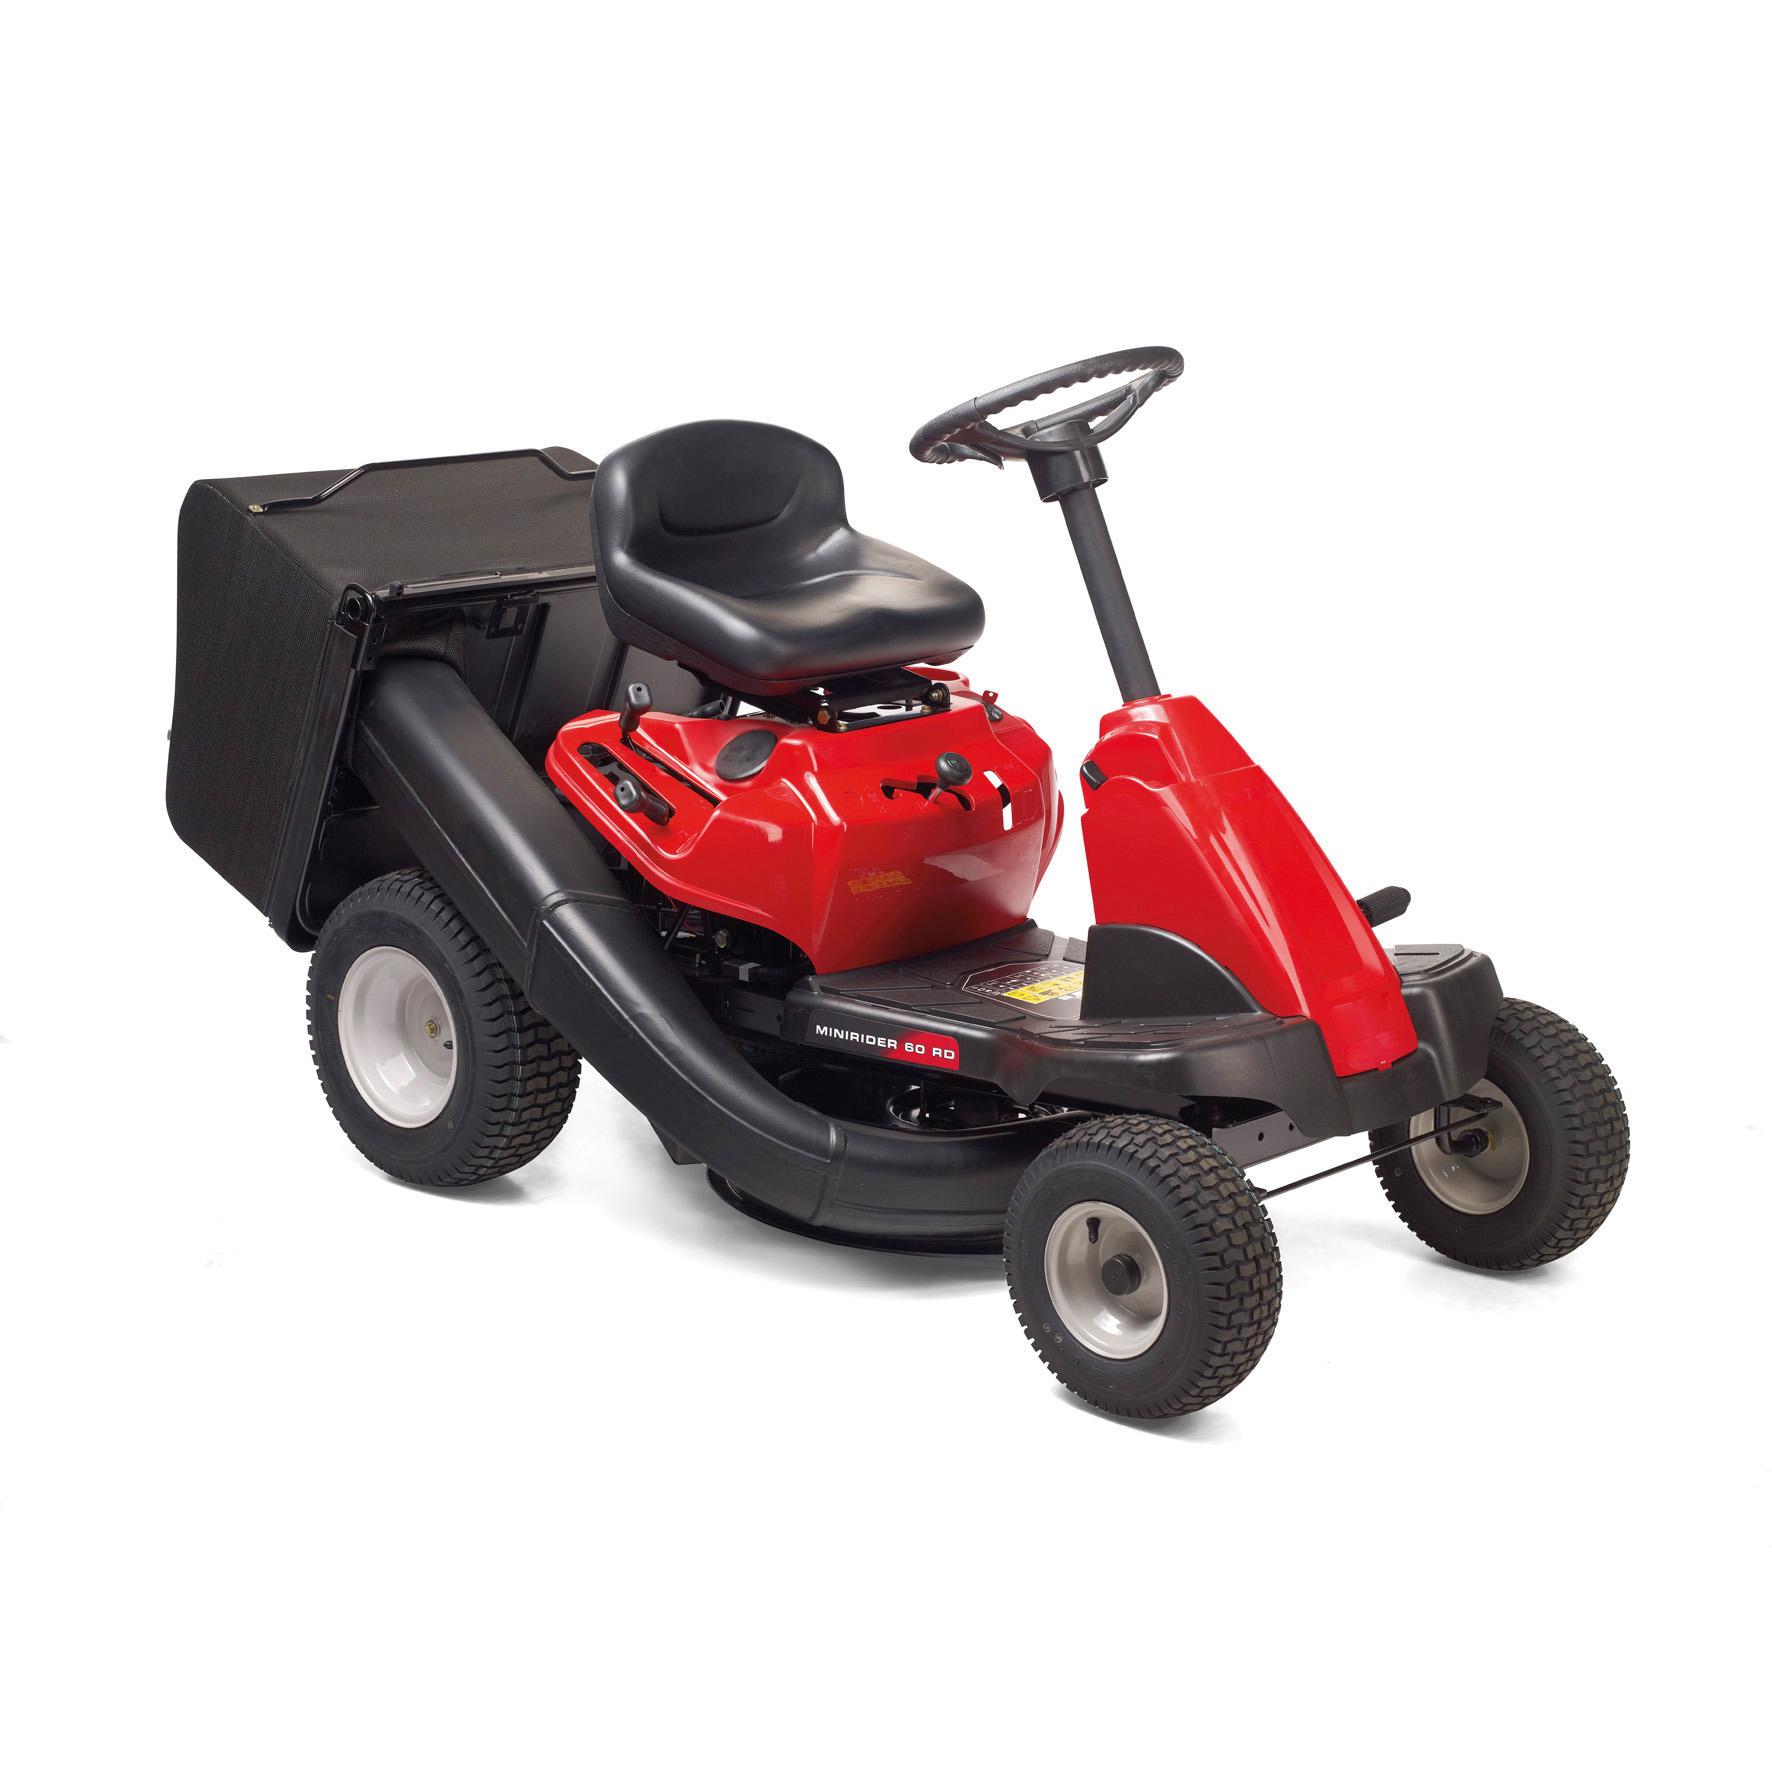 Lawnflite Minirider 76rde Ride On Mower Mowers2go